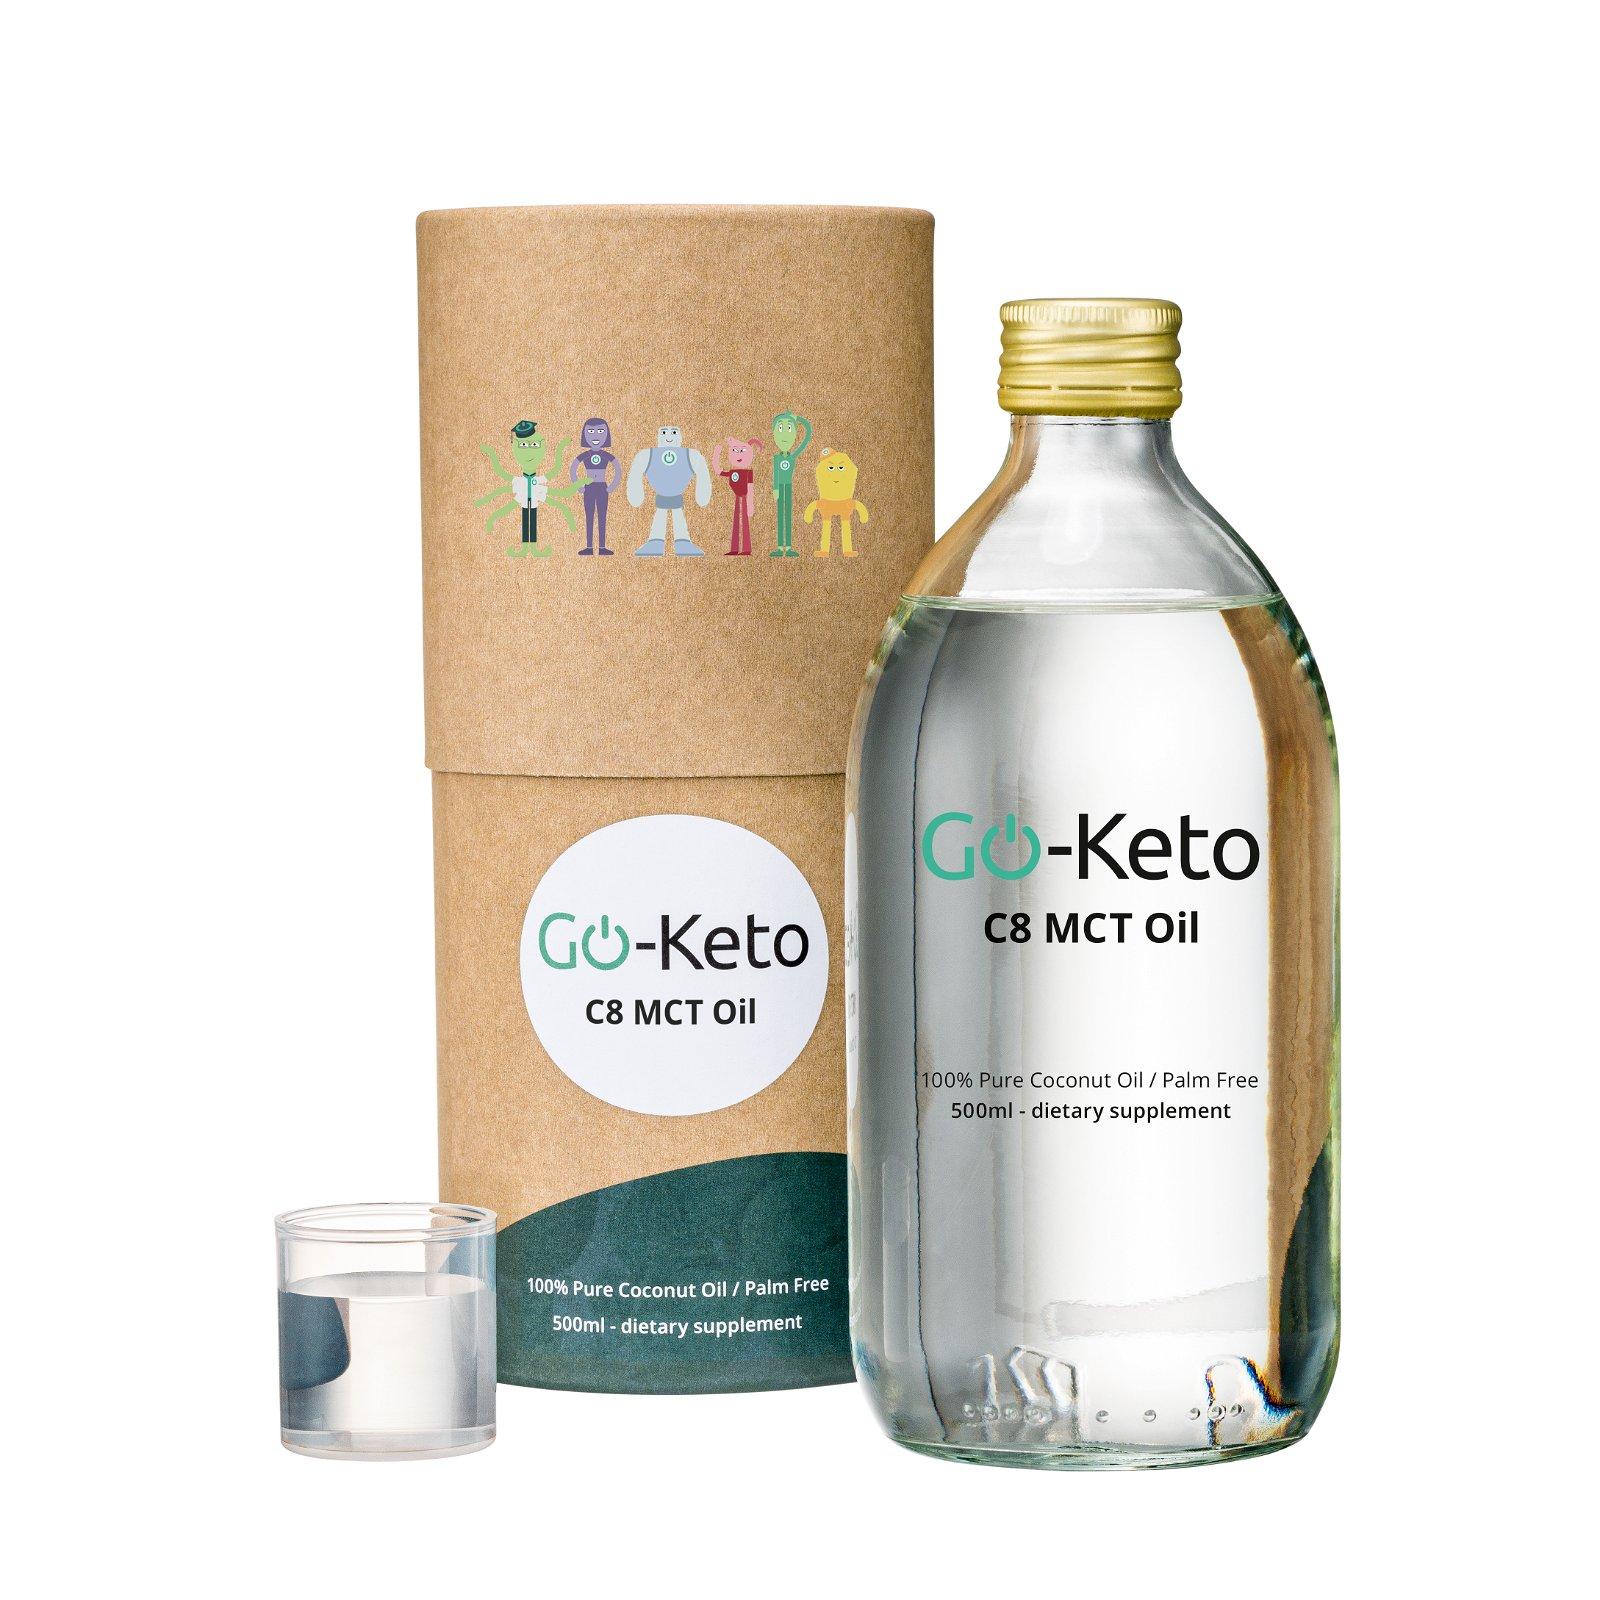 Go-Keto Premium Coconut MCT Oil